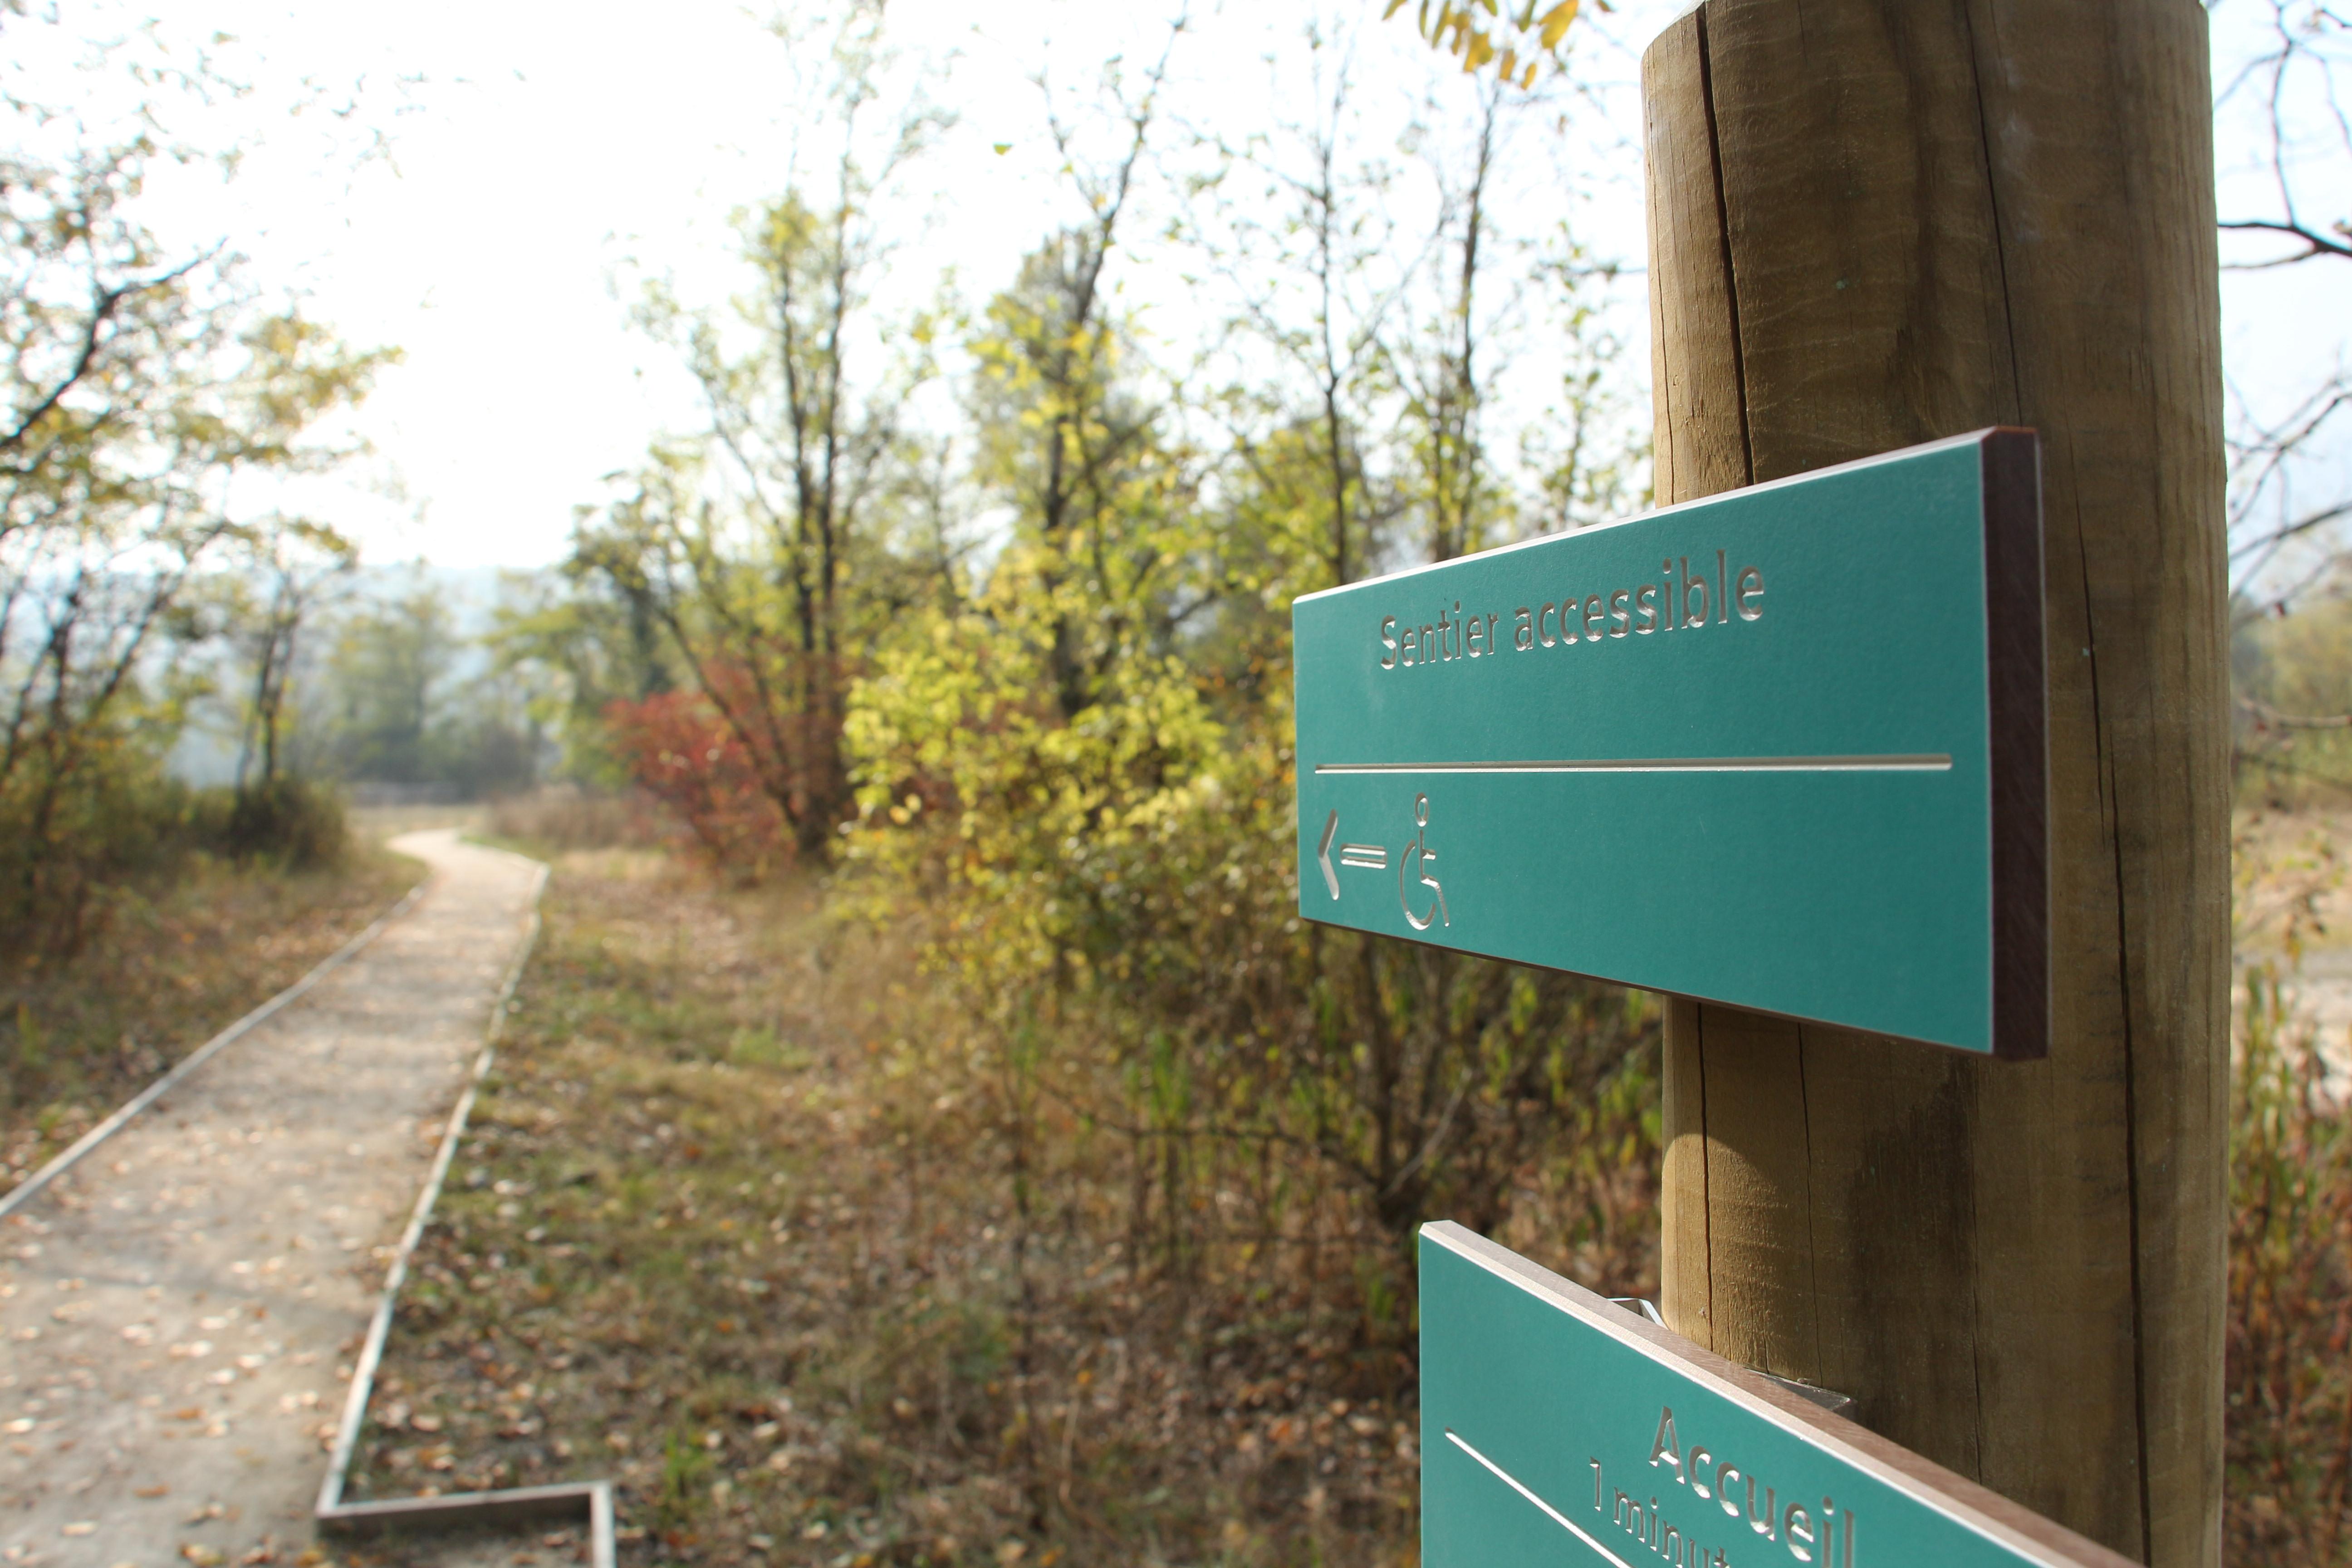 Sentier accessible tous handicaps, marais de l'Etournel